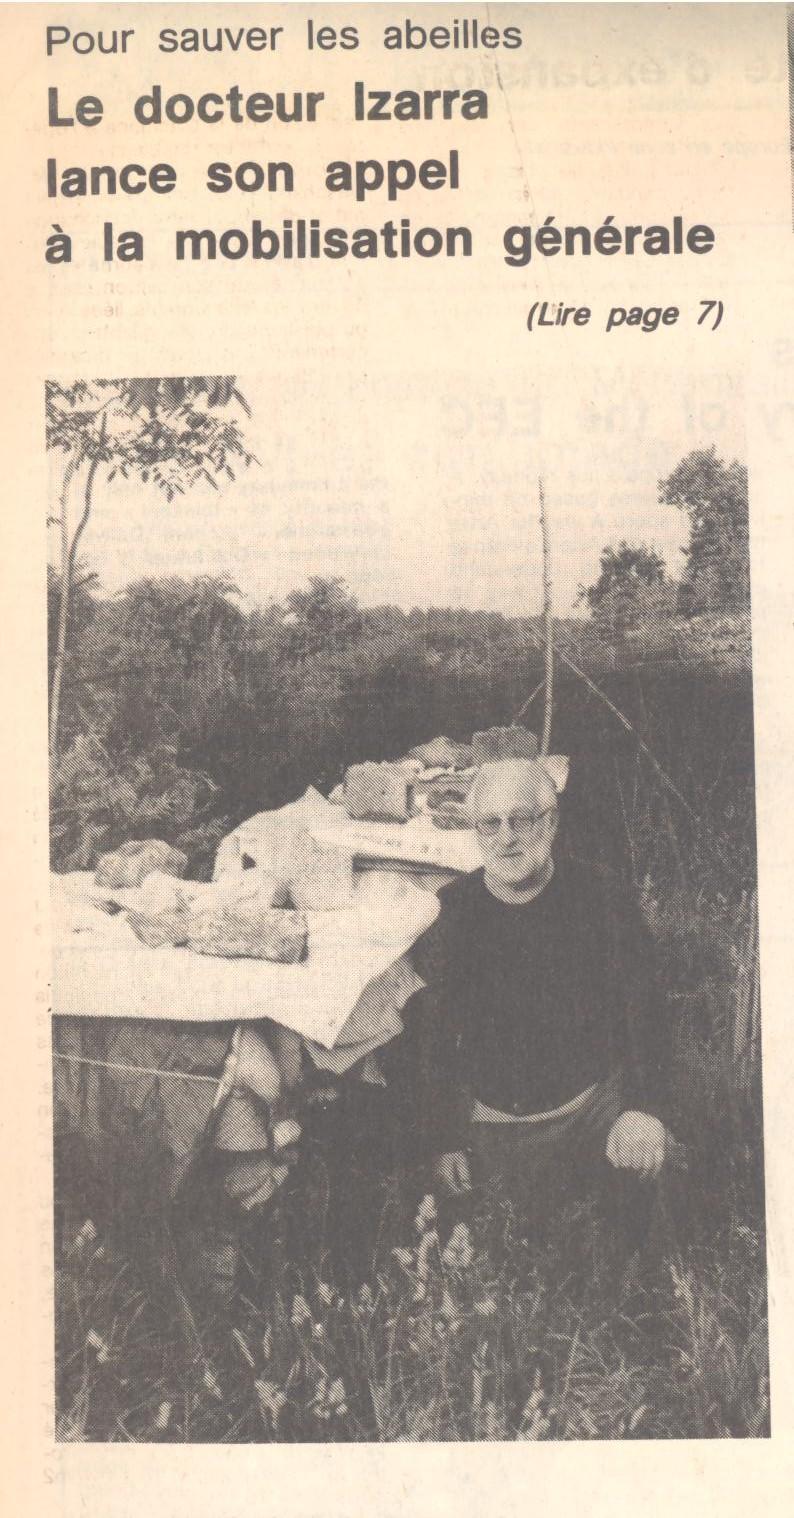 histoire du docteur g rhard diego de izarra 122 pour sauver les abeilles ouest france 25. Black Bedroom Furniture Sets. Home Design Ideas